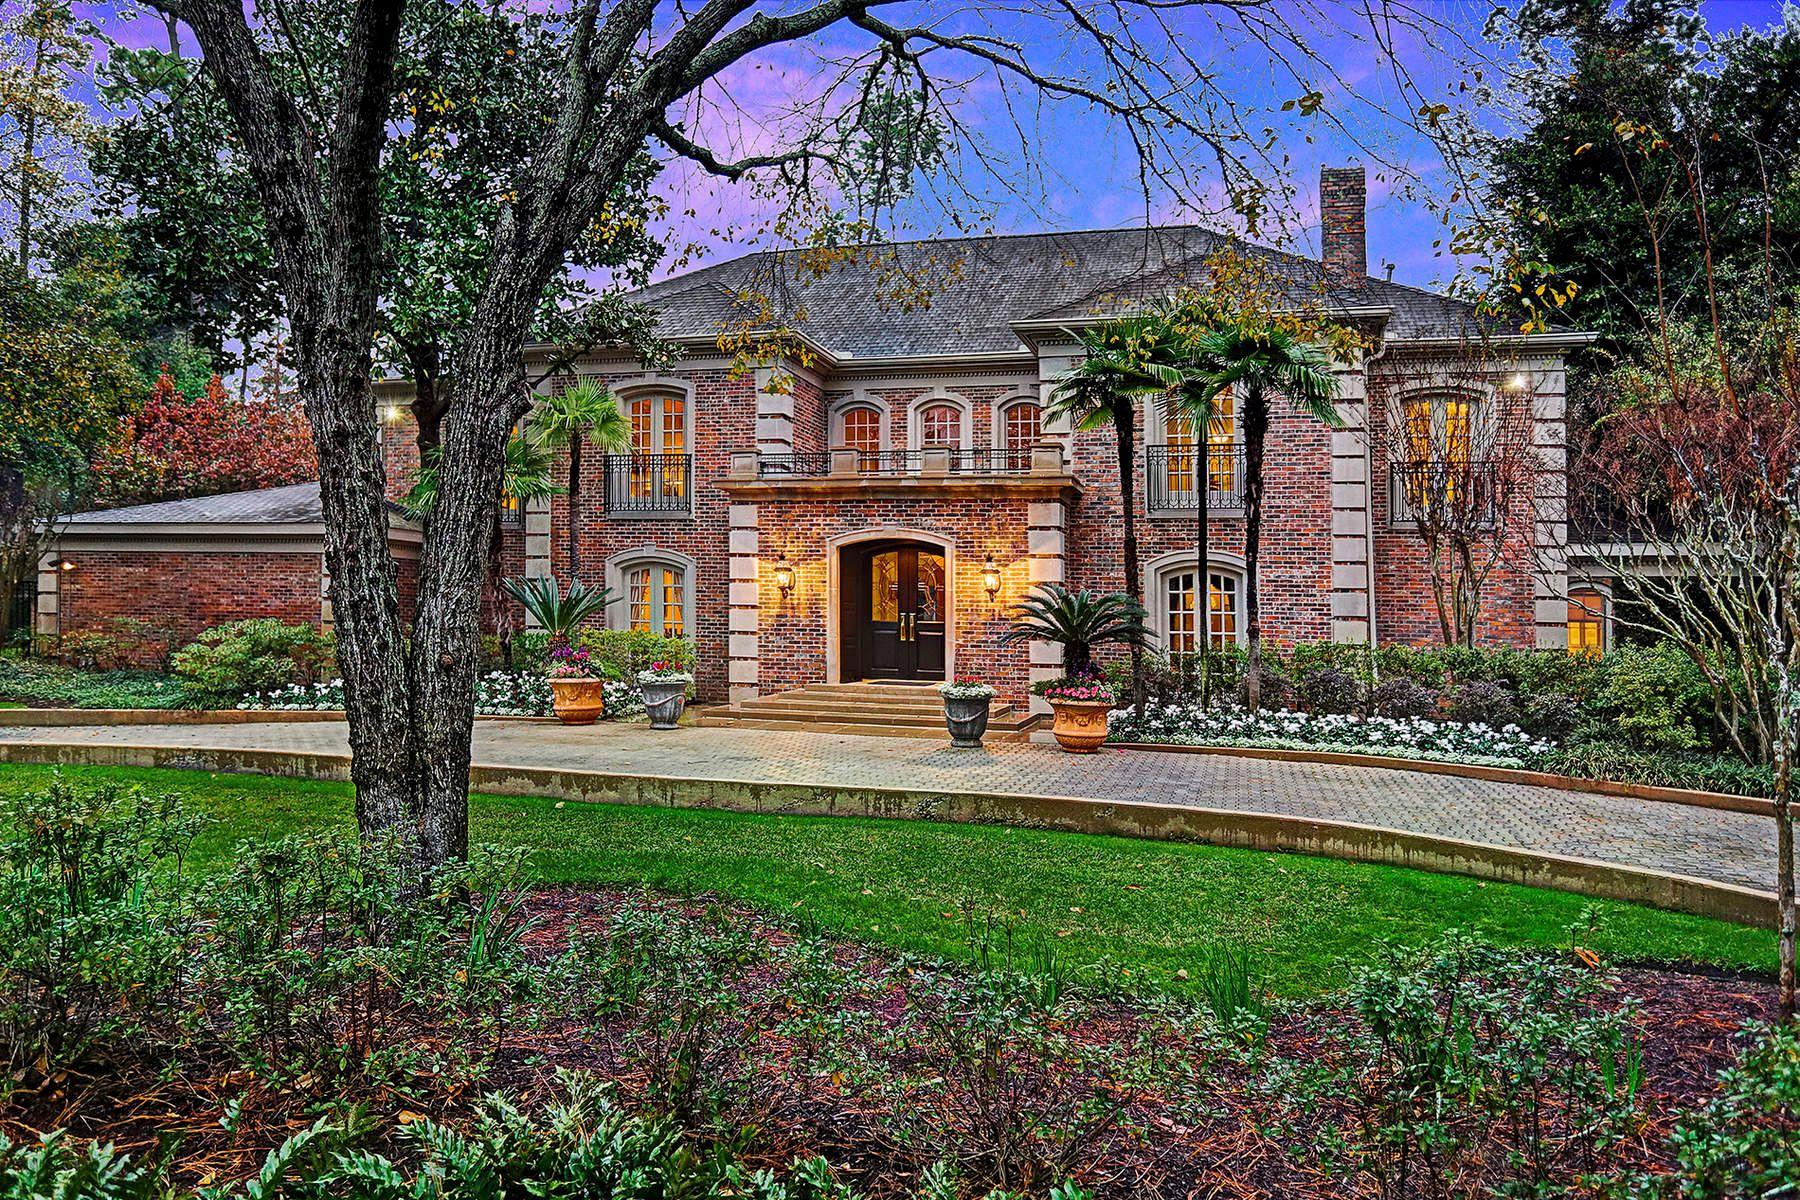 独户住宅 为 销售 在 11510 Shadow Way Street 休斯顿, 得克萨斯州, 77024 美国